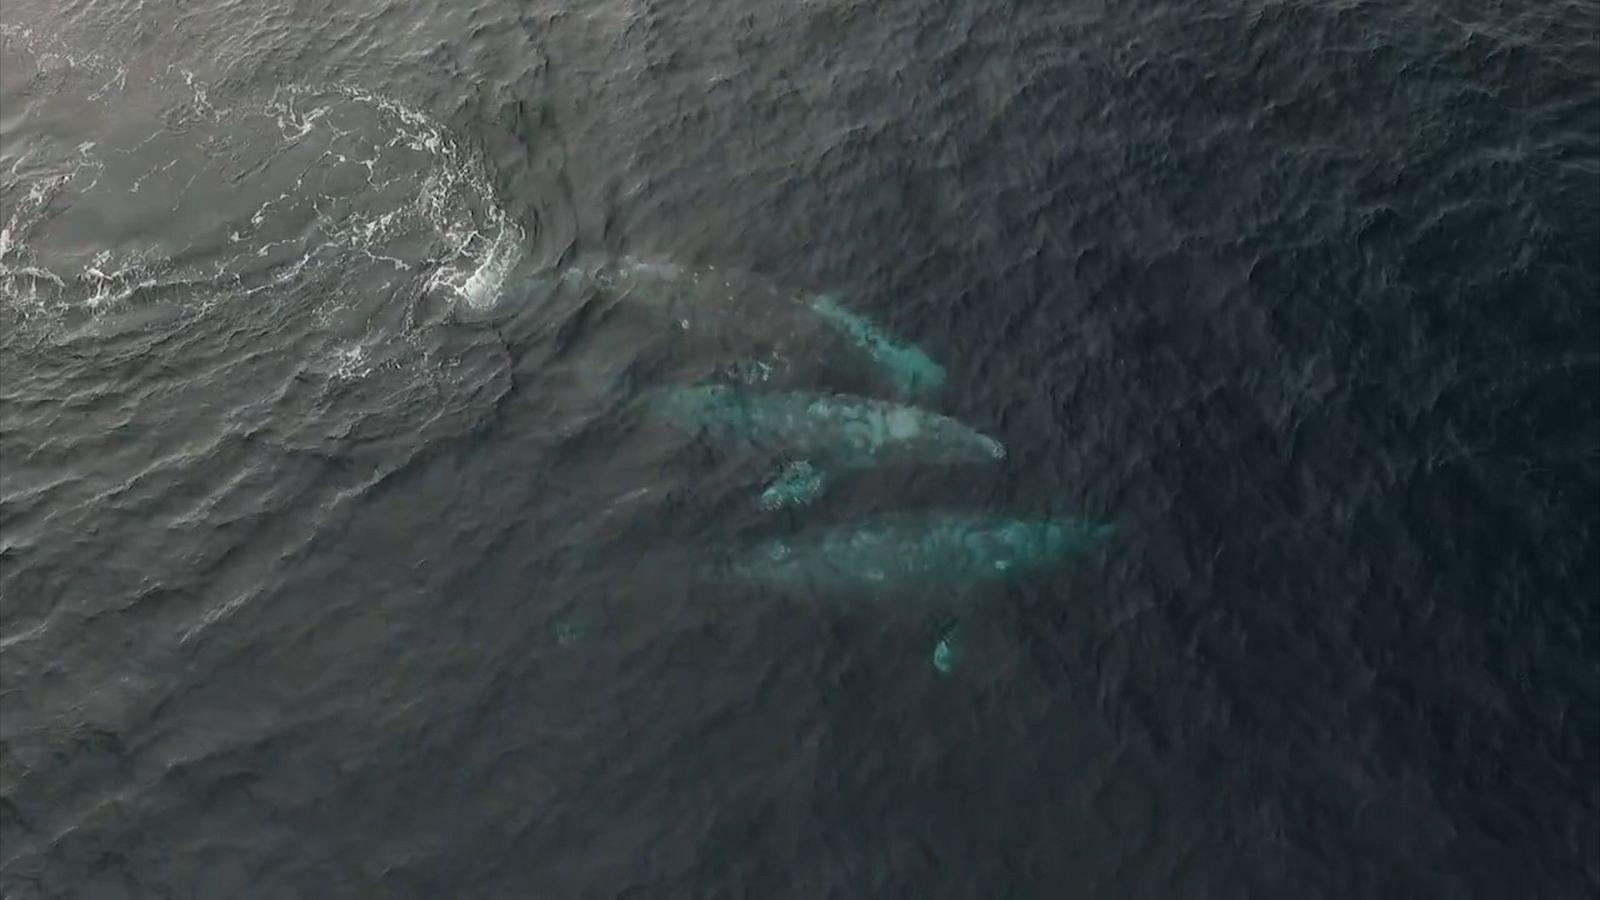 Diese drei Wale vollführen ein komplexes Paarungsritual